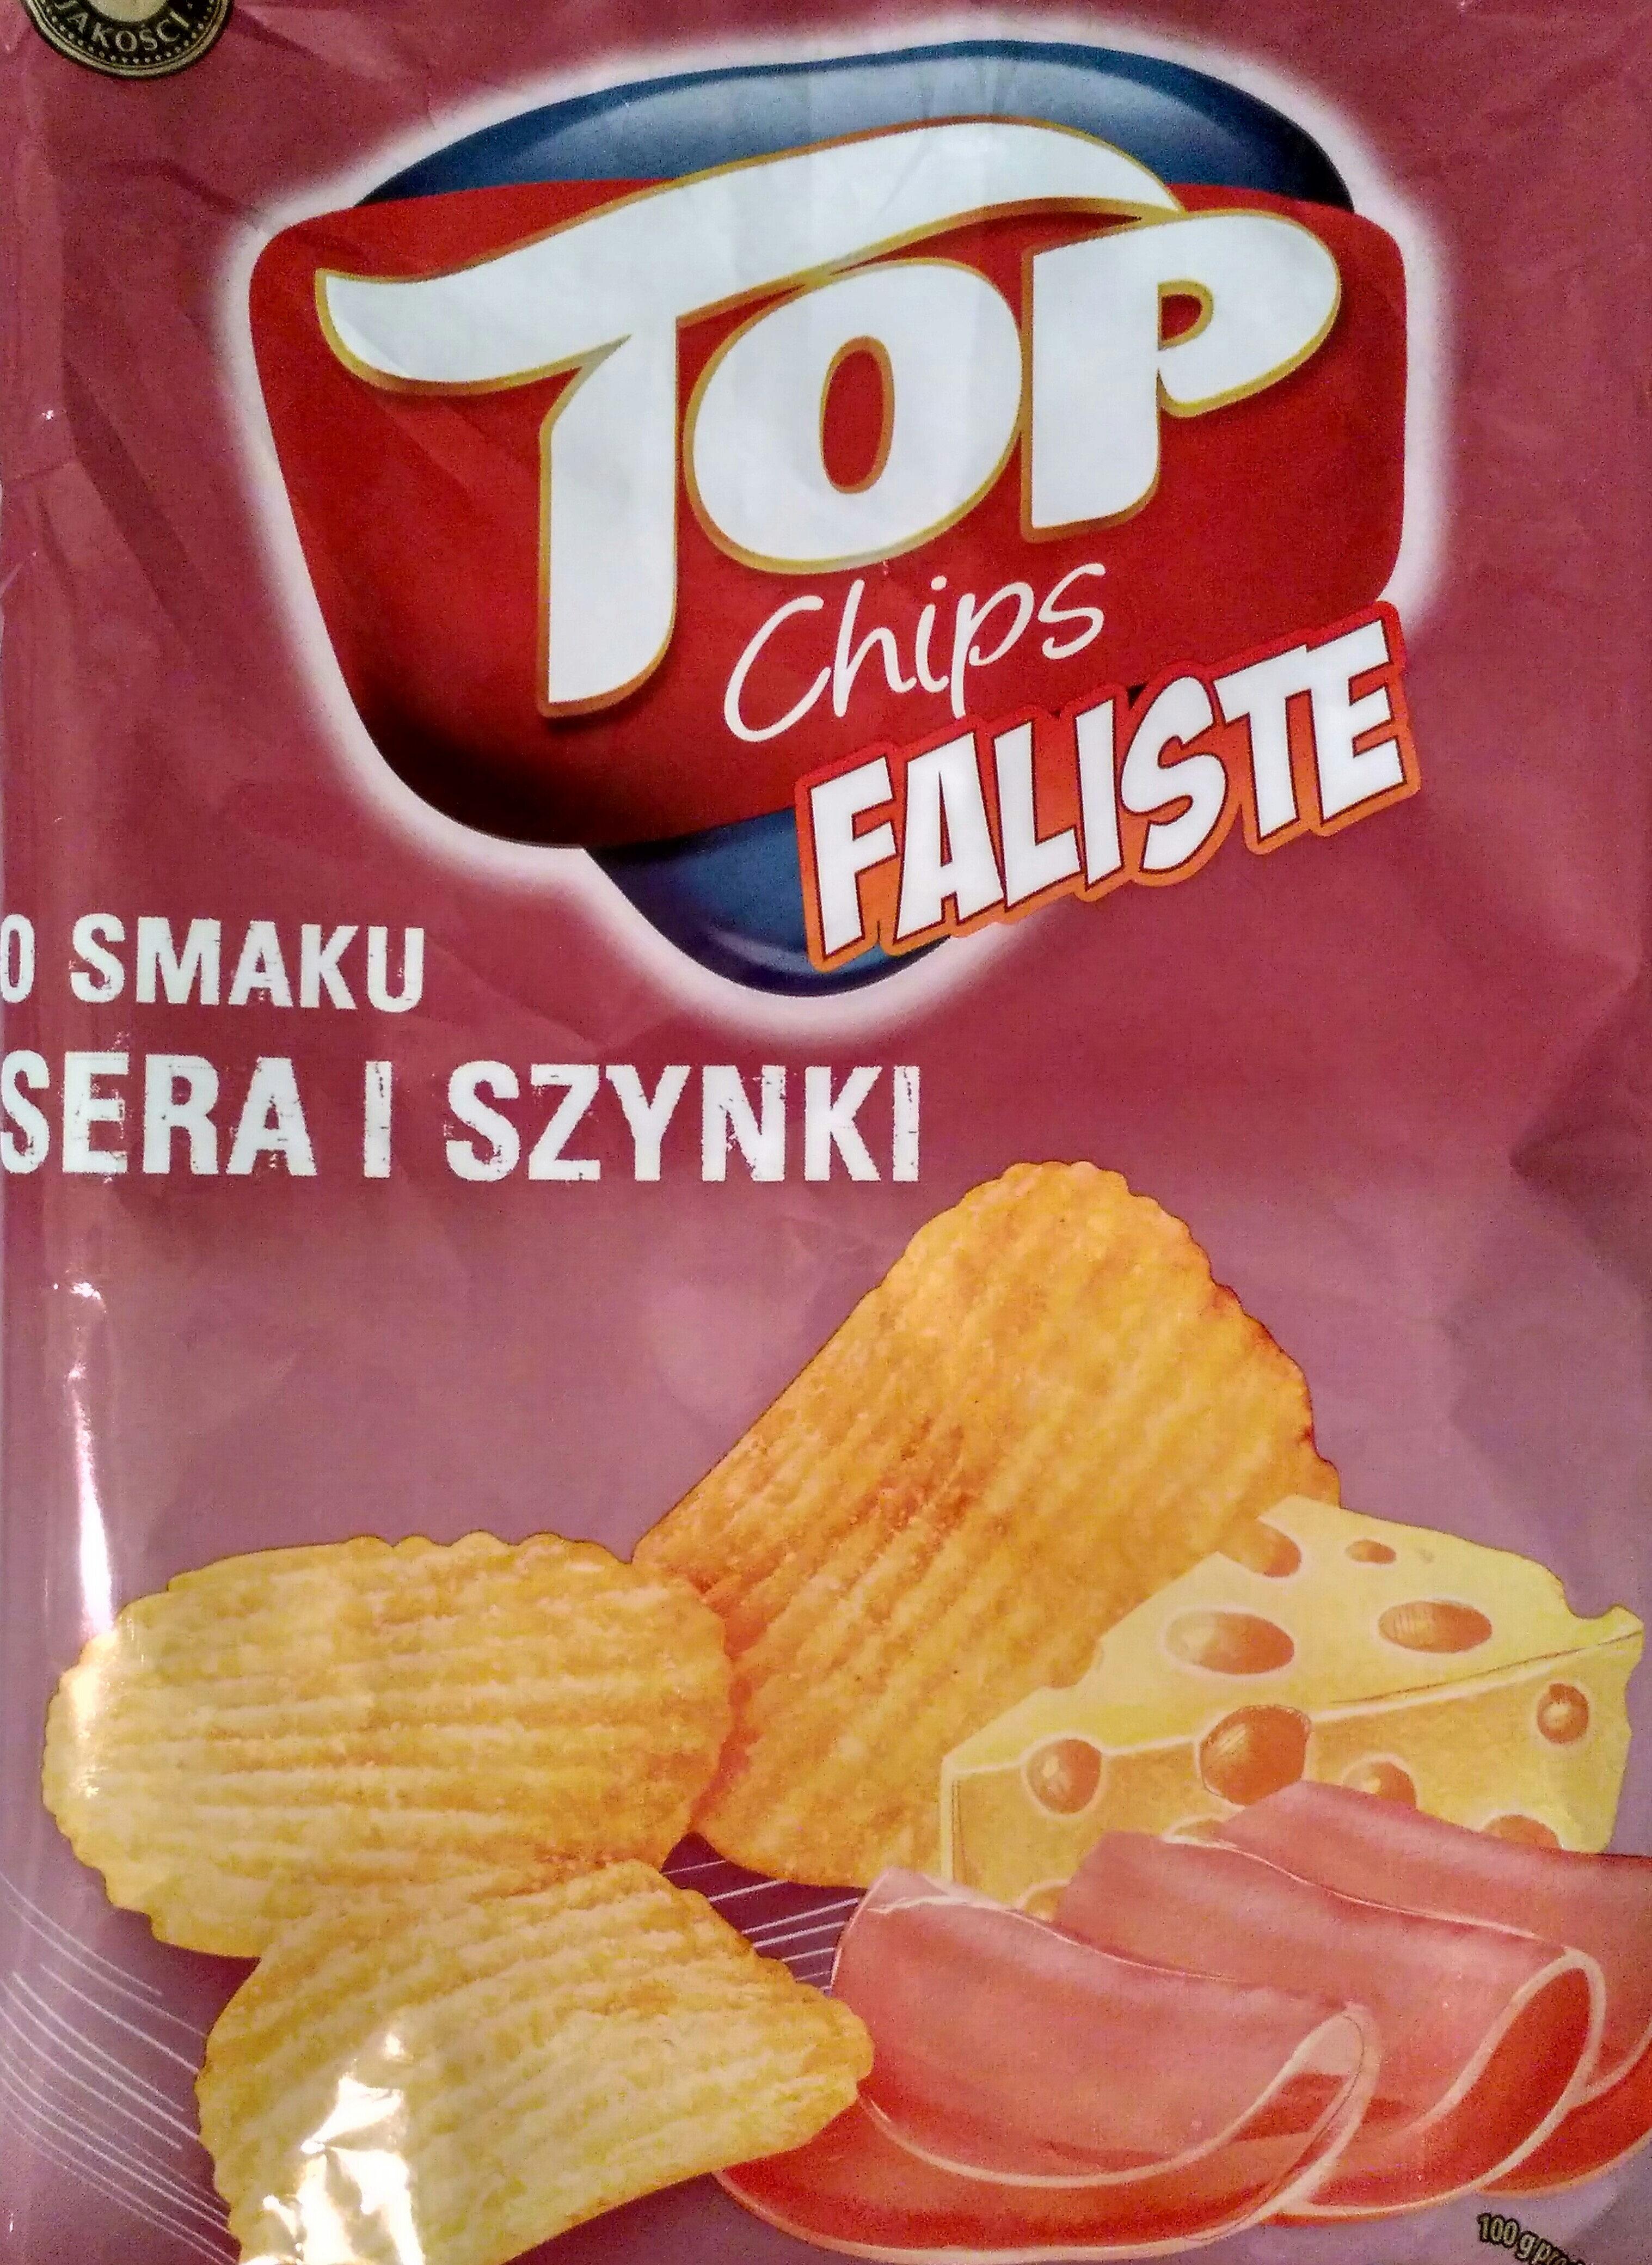 Top chips faliste - Produkt - pl